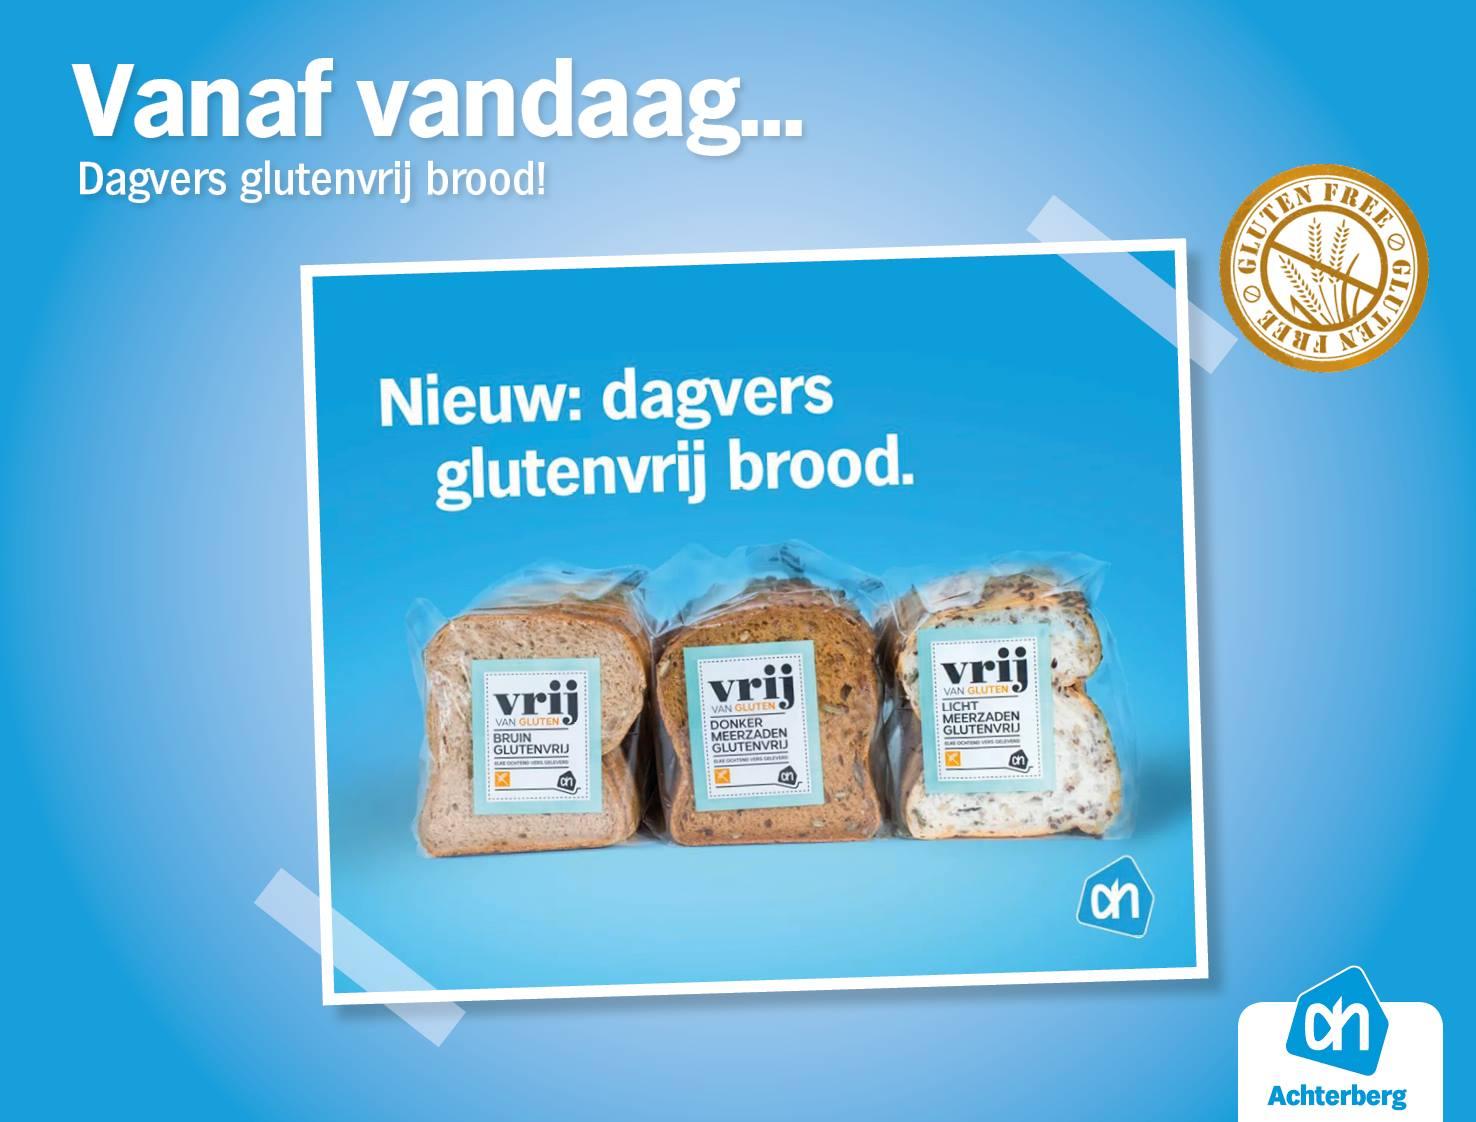 Goed nieuws voor iedereen die glutenvrij eet!